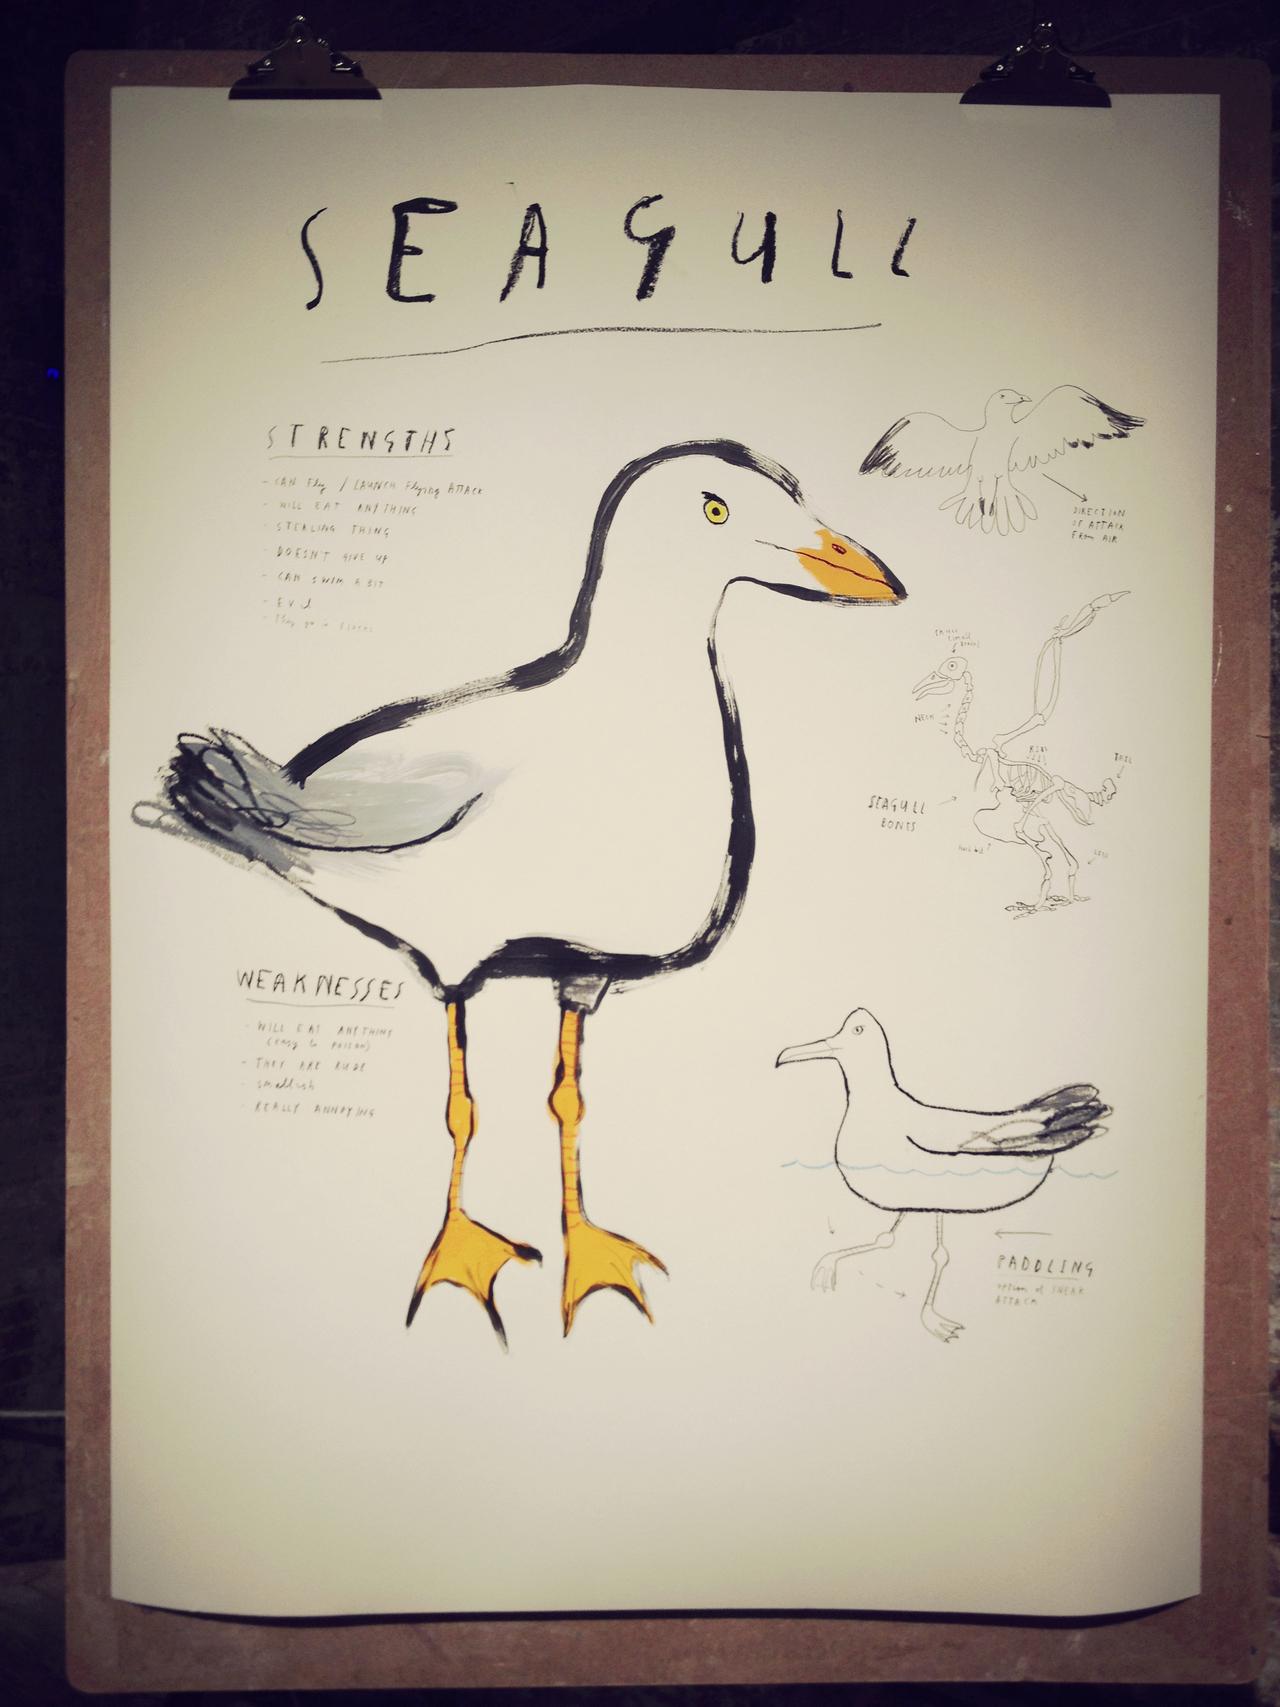 Seagull by Mul Holland Hwang #peppersearching #pepper #photos #seagull #bird #paper #yellowfeet #art